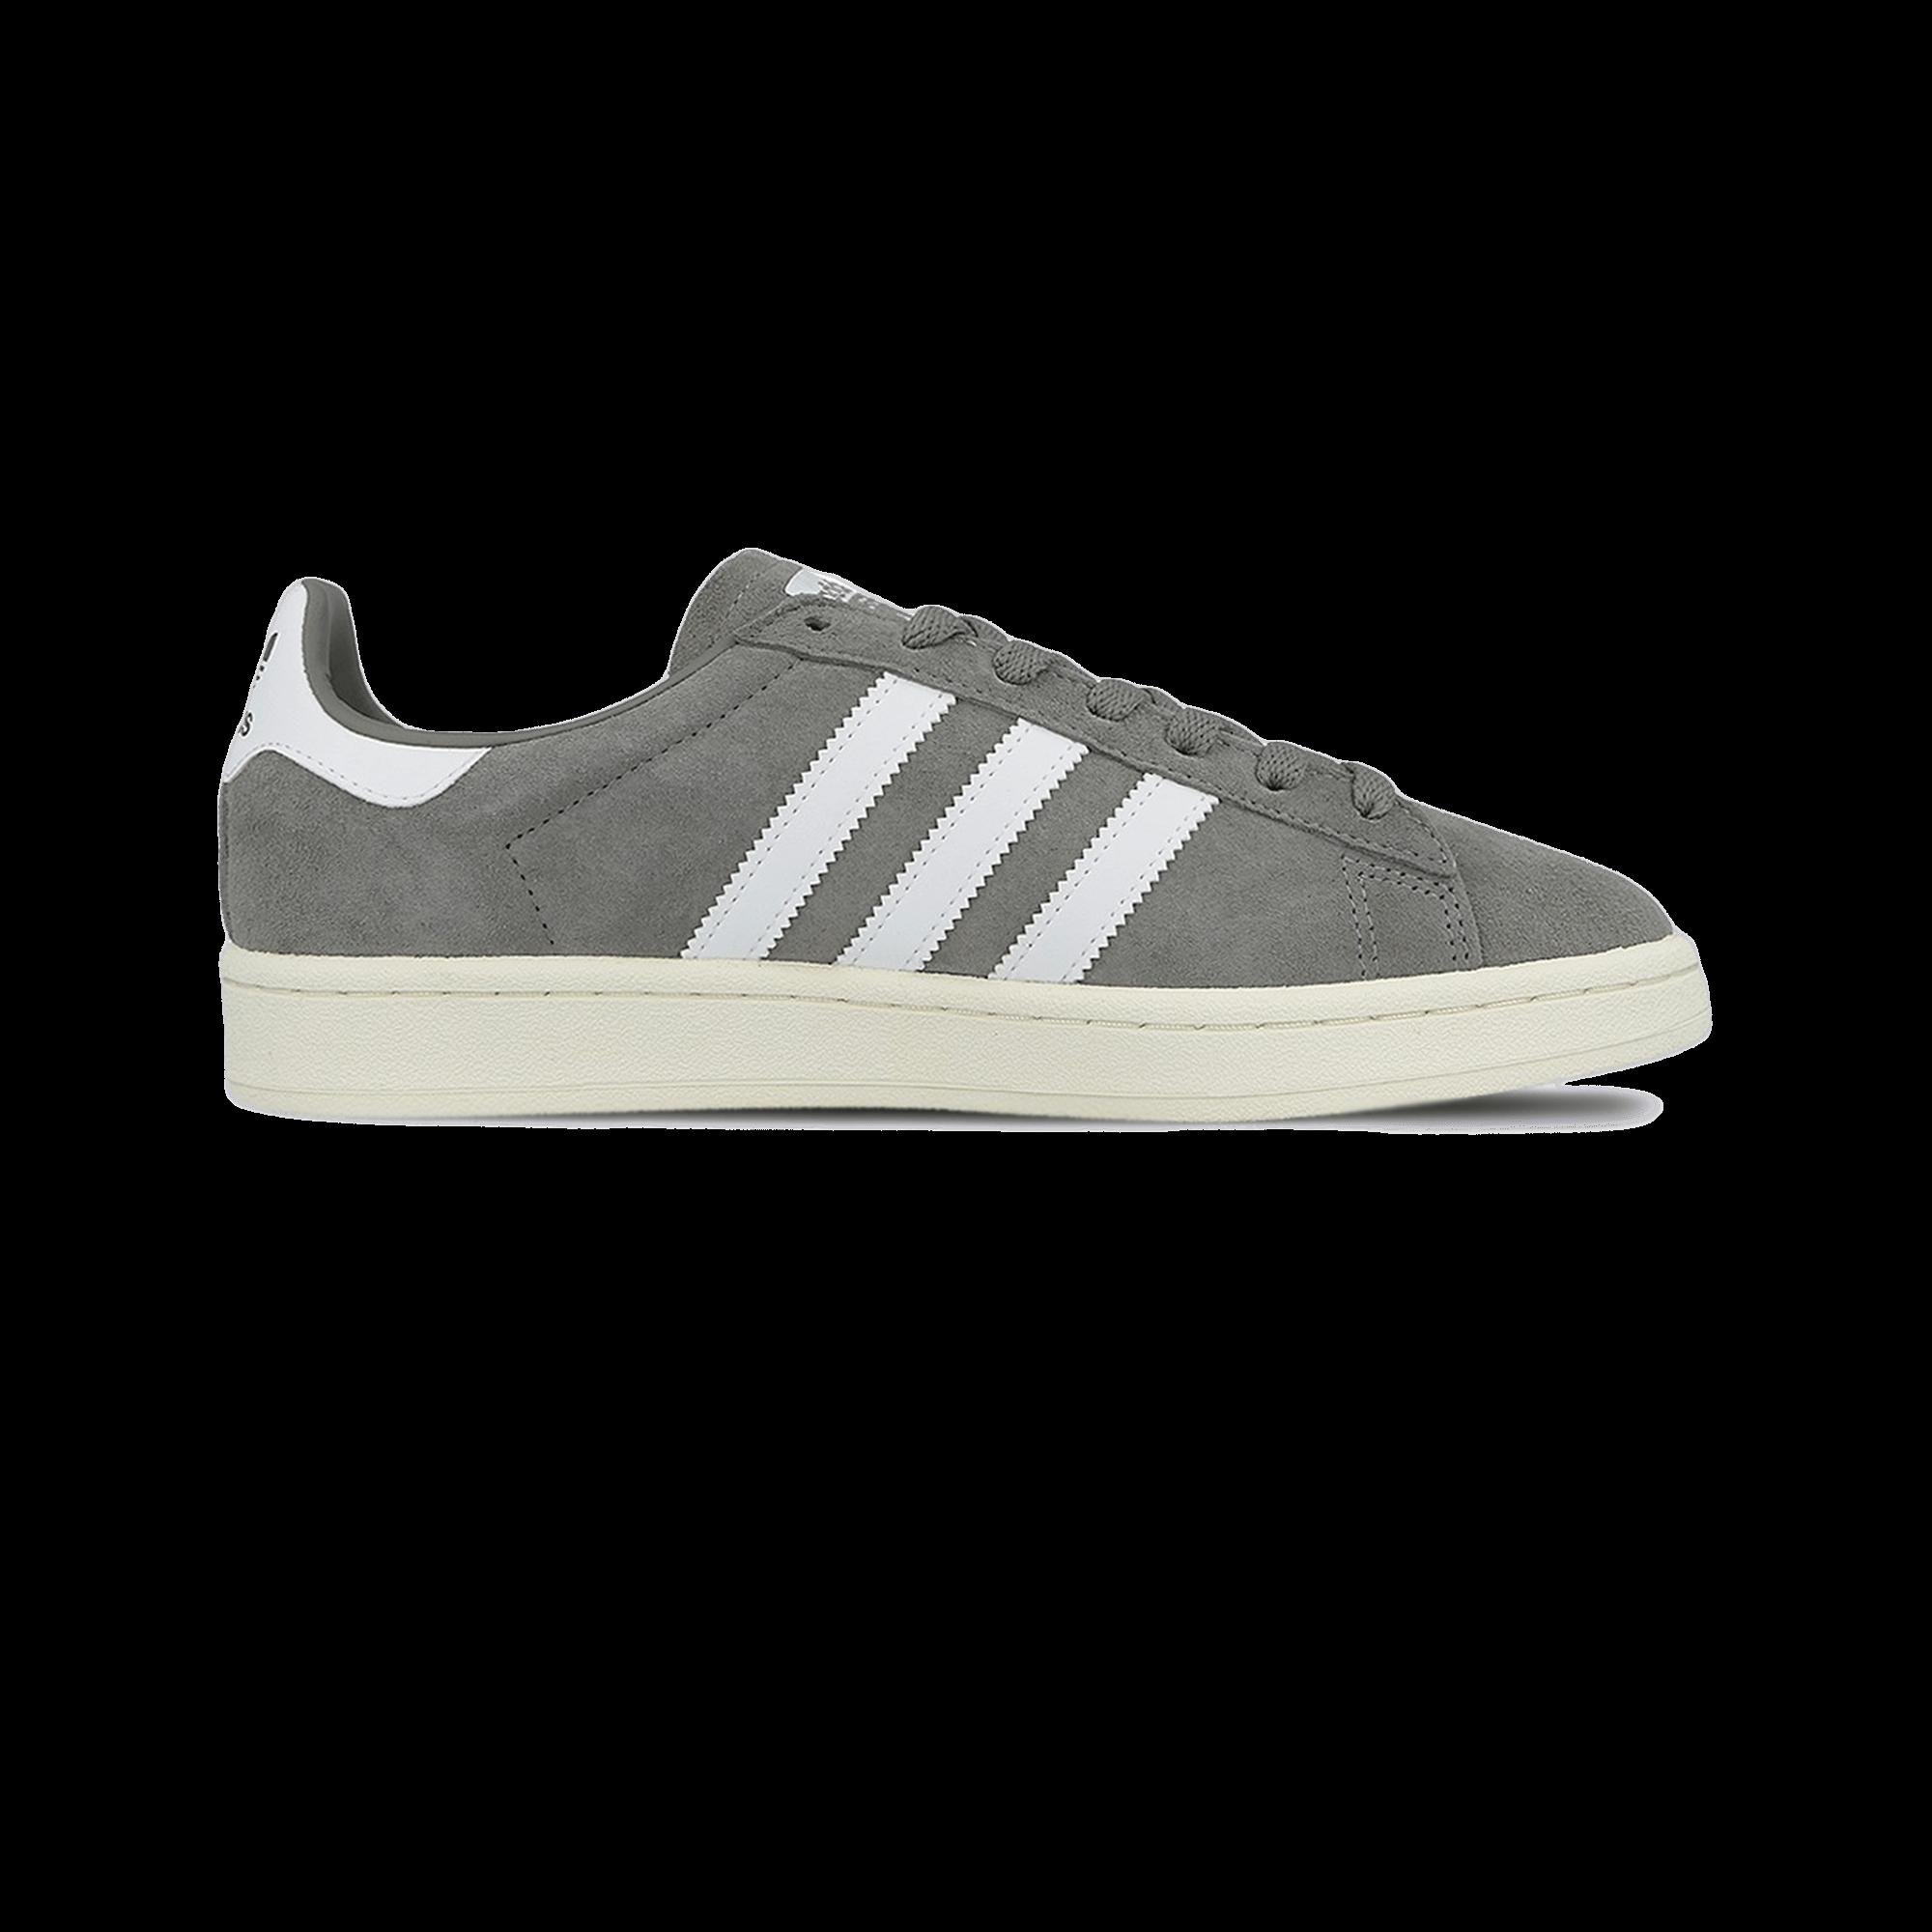 Campus grey/white